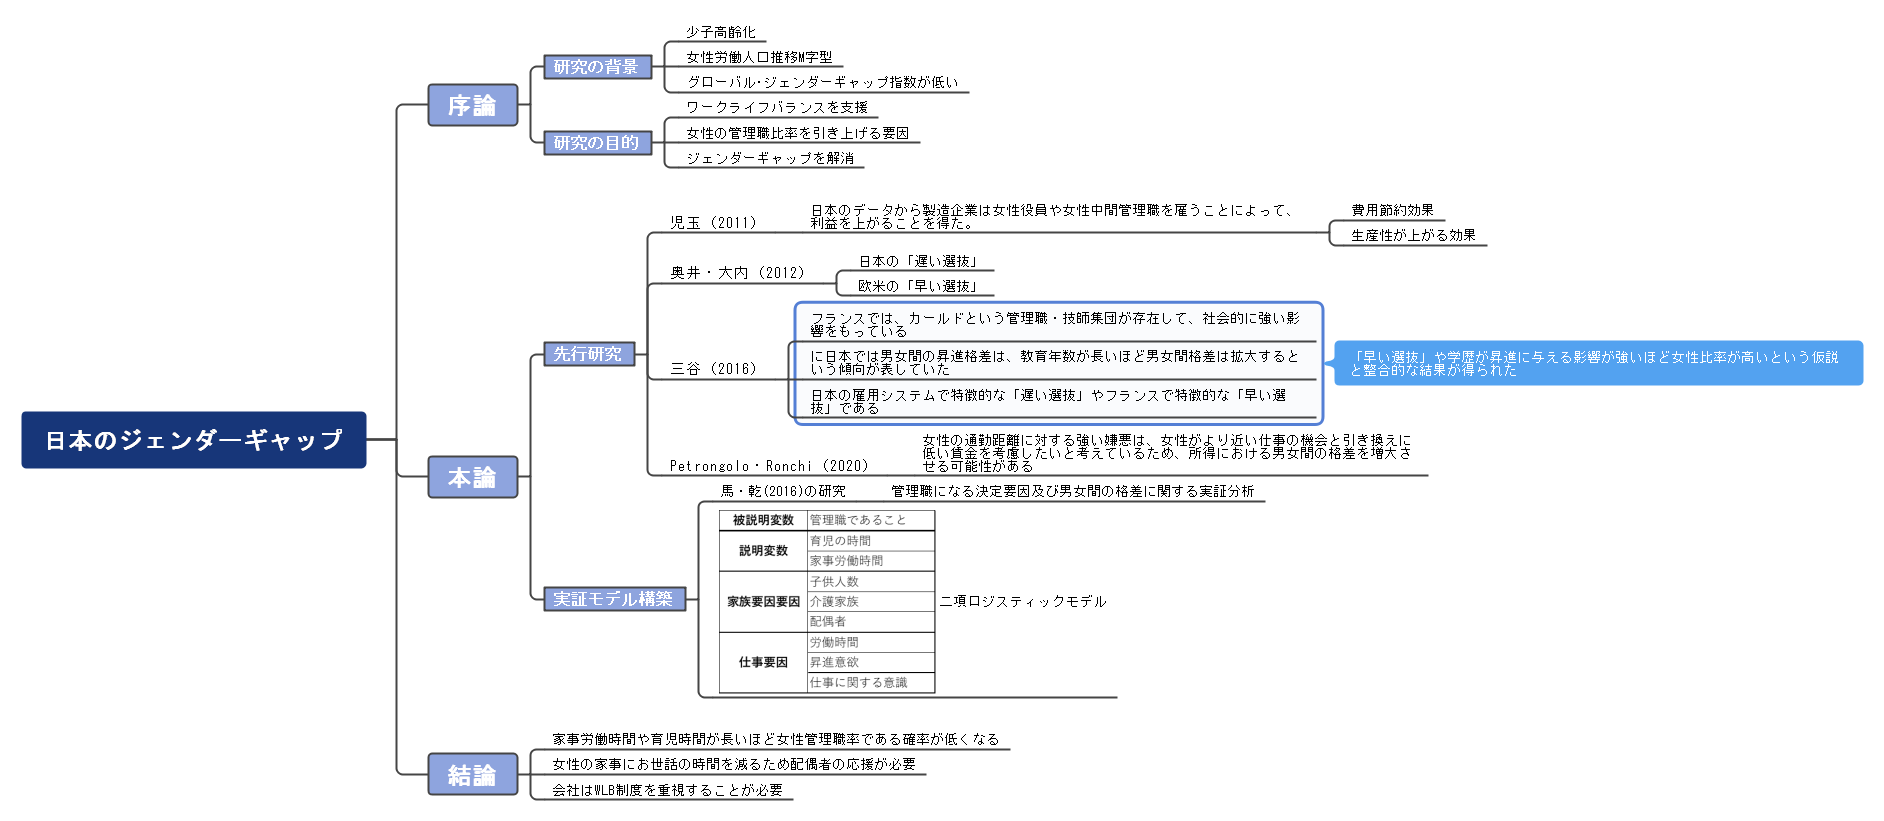 日本のジェンダーギャップのレポートのコンセプトマップ